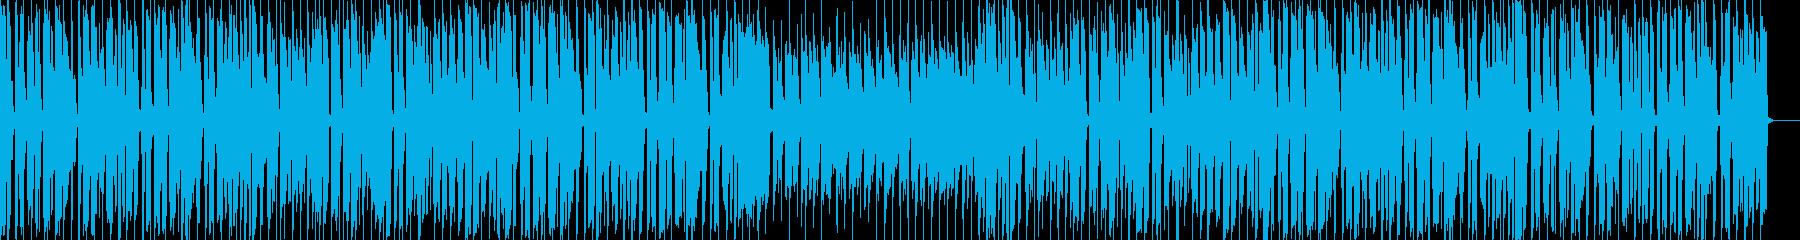 ゆるめでキャッチーなギターポップ の再生済みの波形